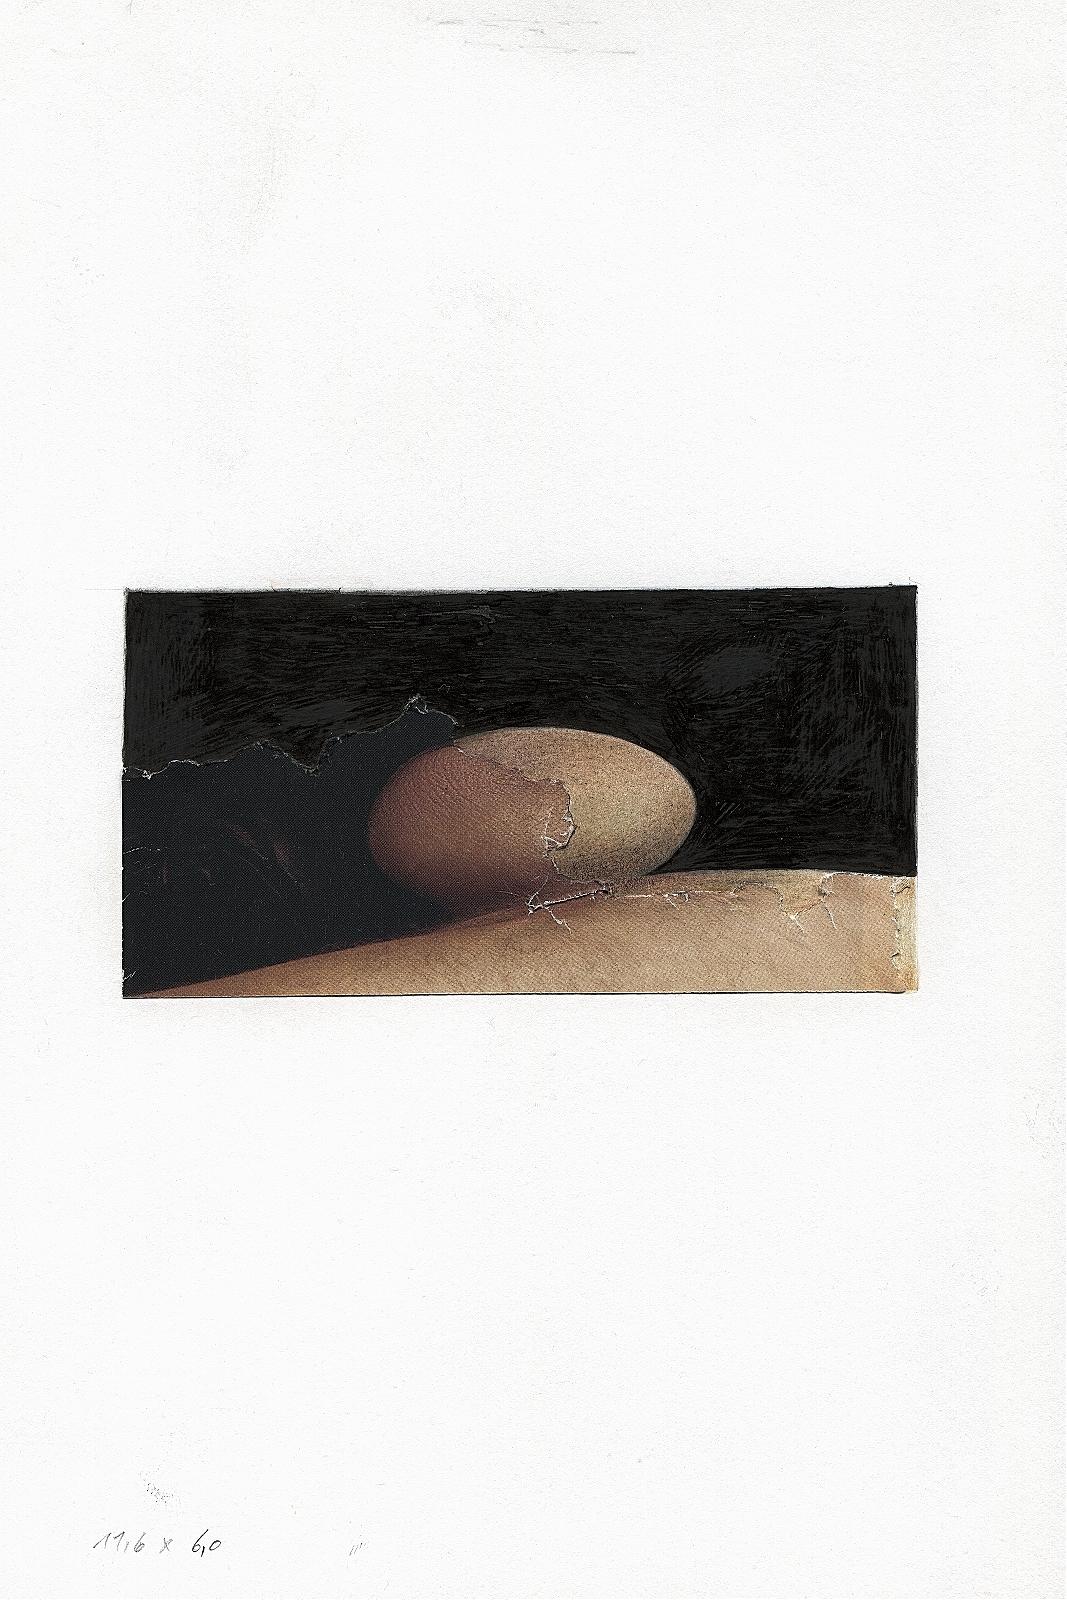 """""""Extension"""", 2013, pencil, collage, 16.5 x 24 cm"""